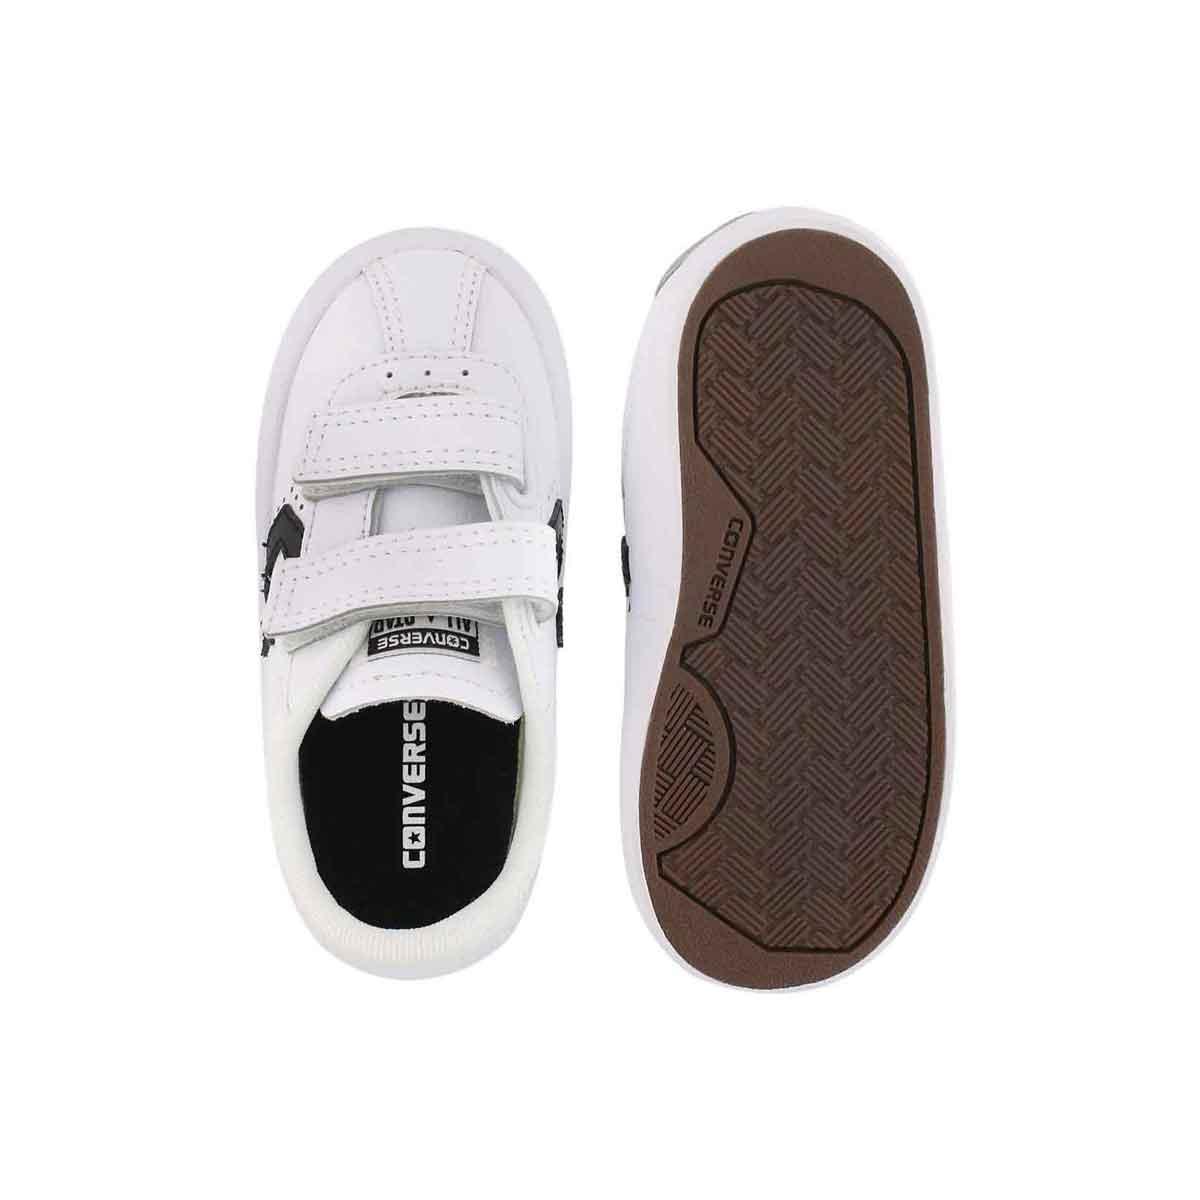 Infs-b Breakpoint wht/blk lthr sneaker